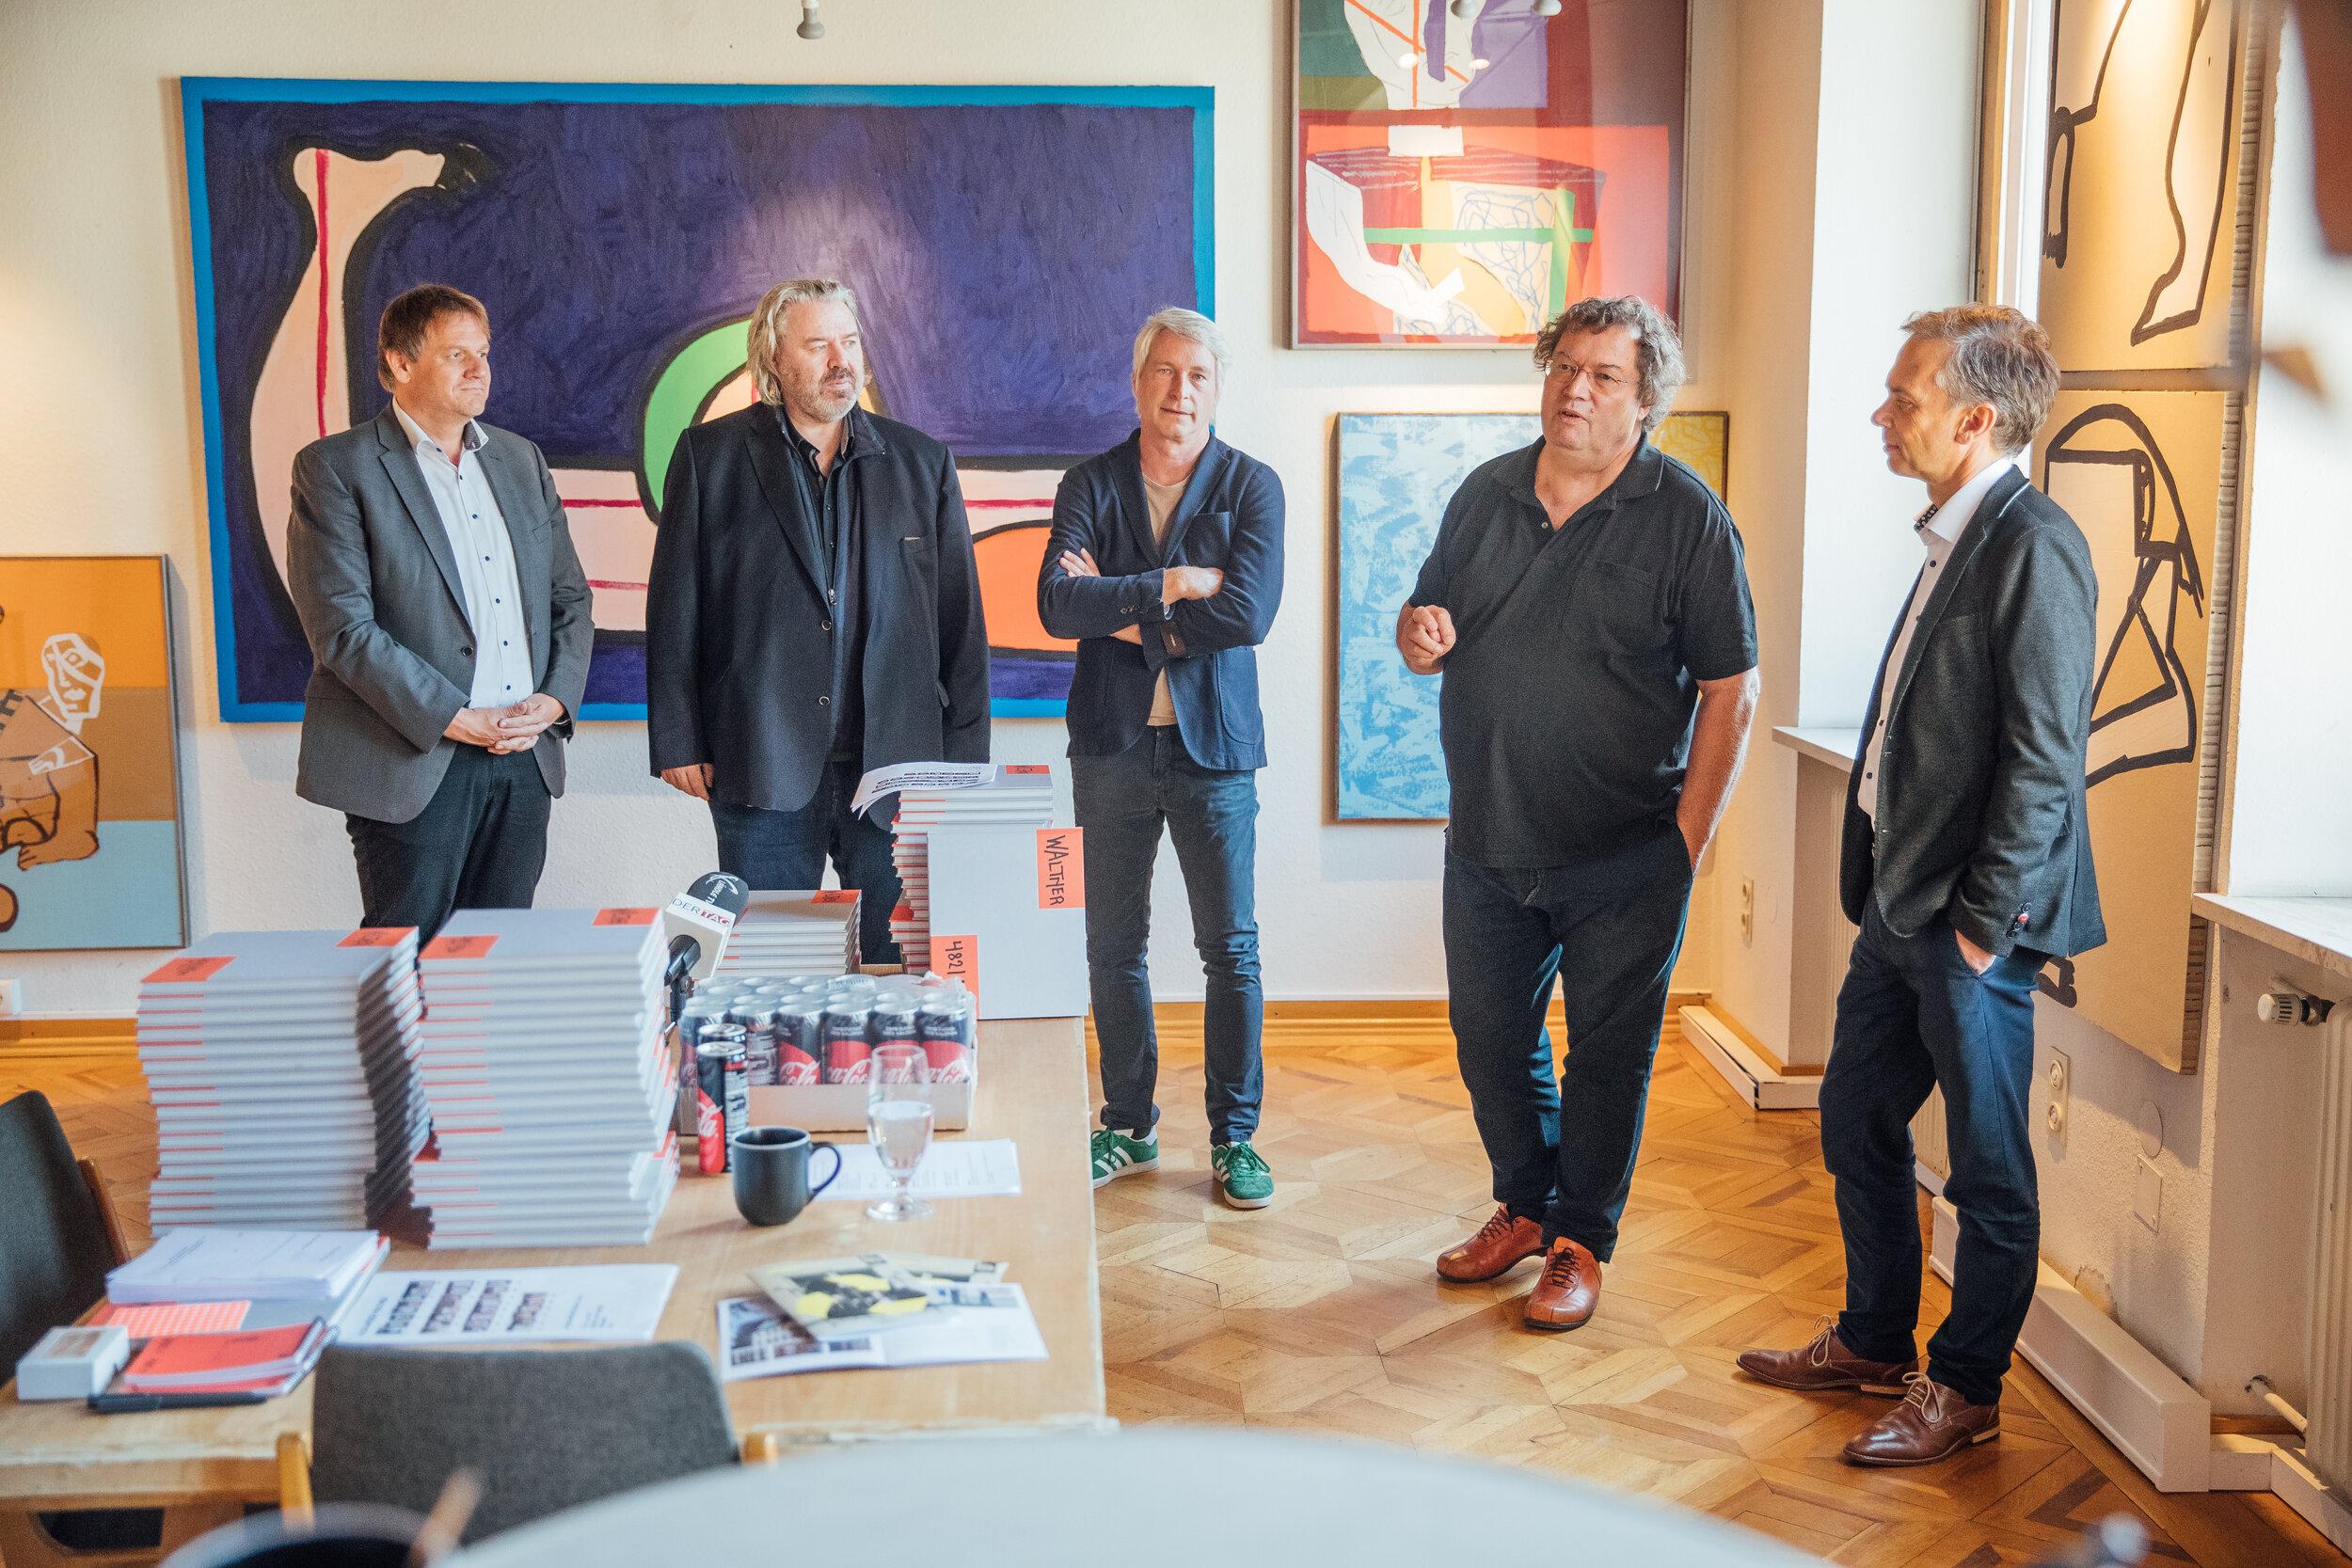 Pressekonferenz am 11.09.2019: Christoph Thoma, Marco Spitzar, Beatus Fleisch, Alexander Waltner, Peter Niedermair